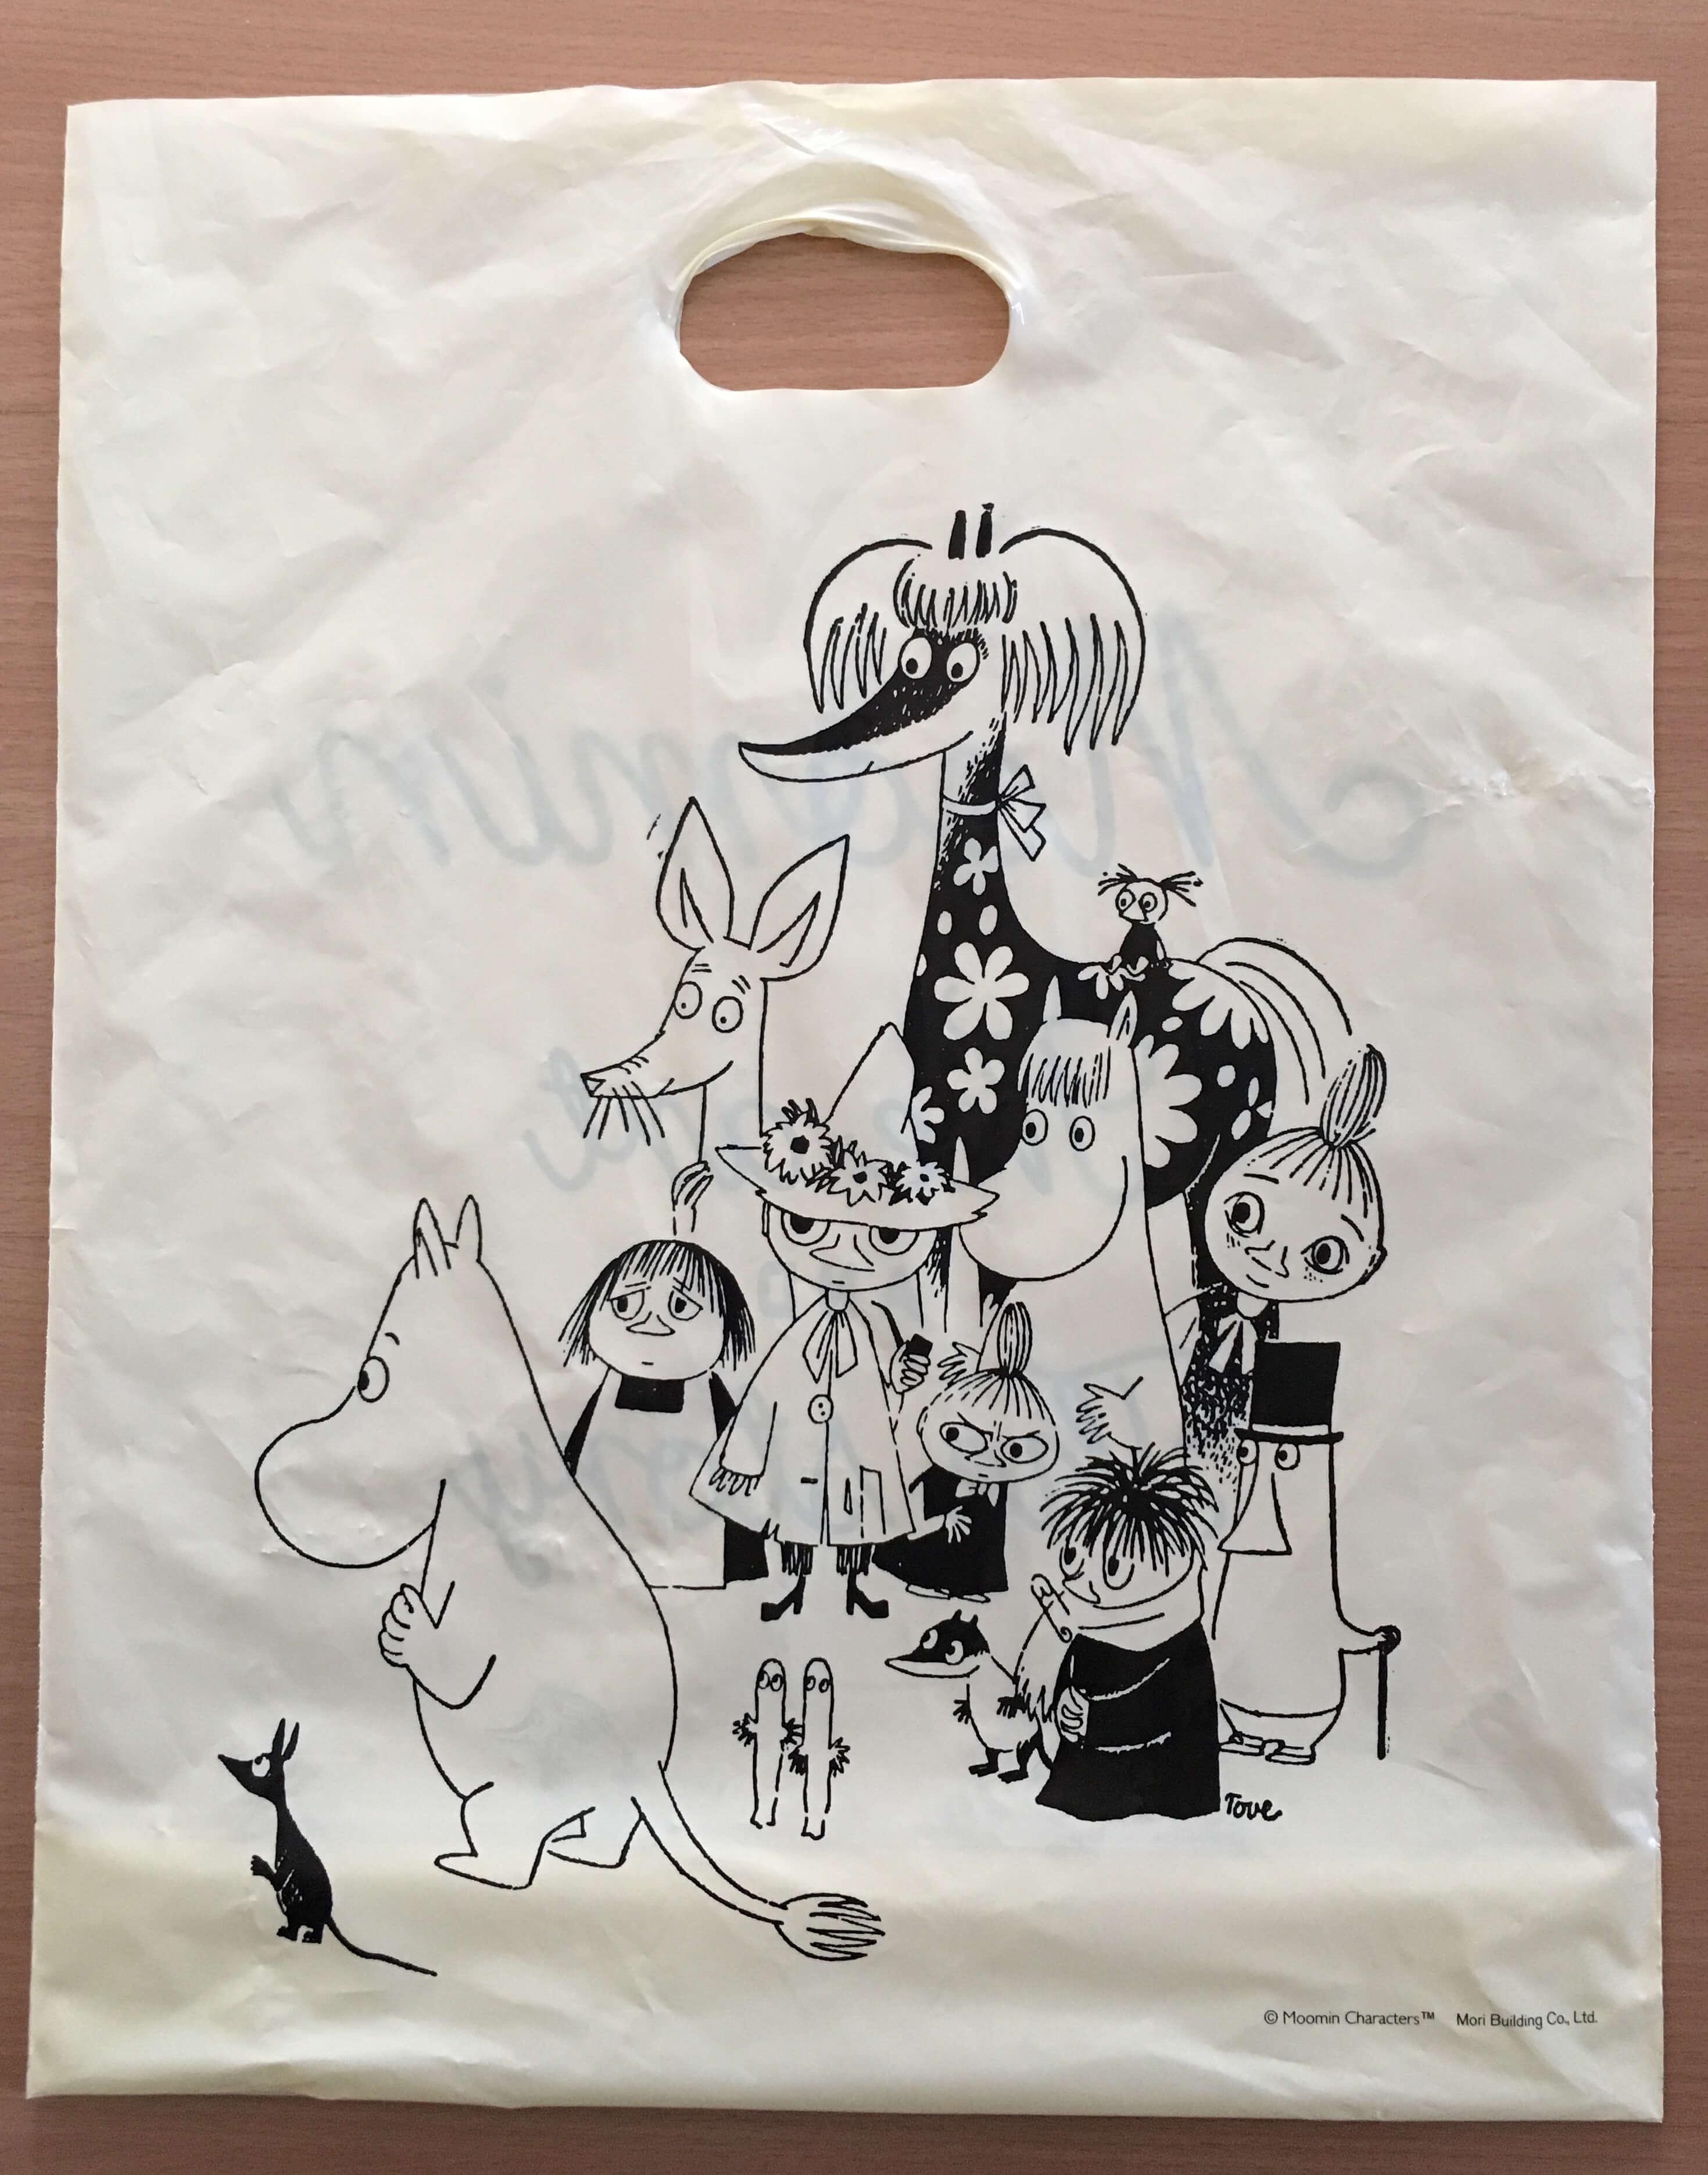 ムーミン展のグッズを入れてくれた袋